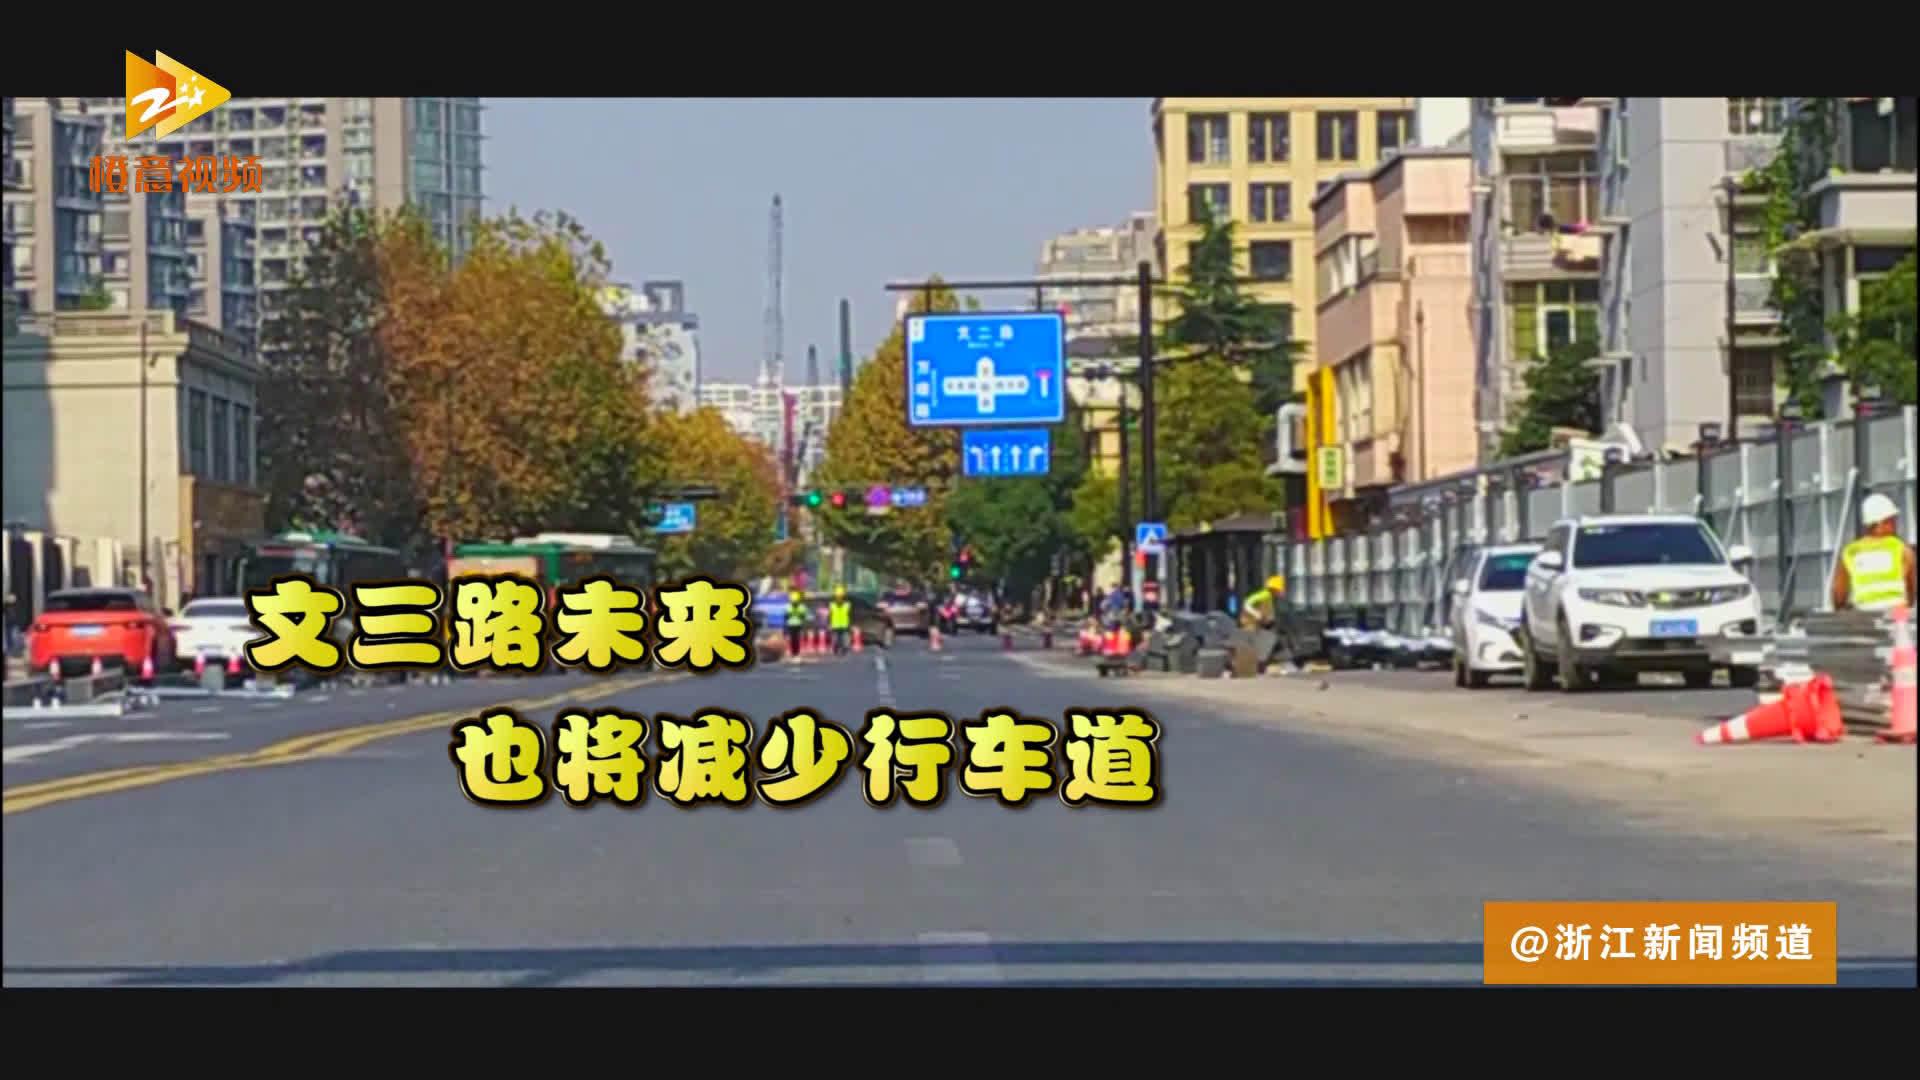 杭州人注意啦!城西出行有大变化